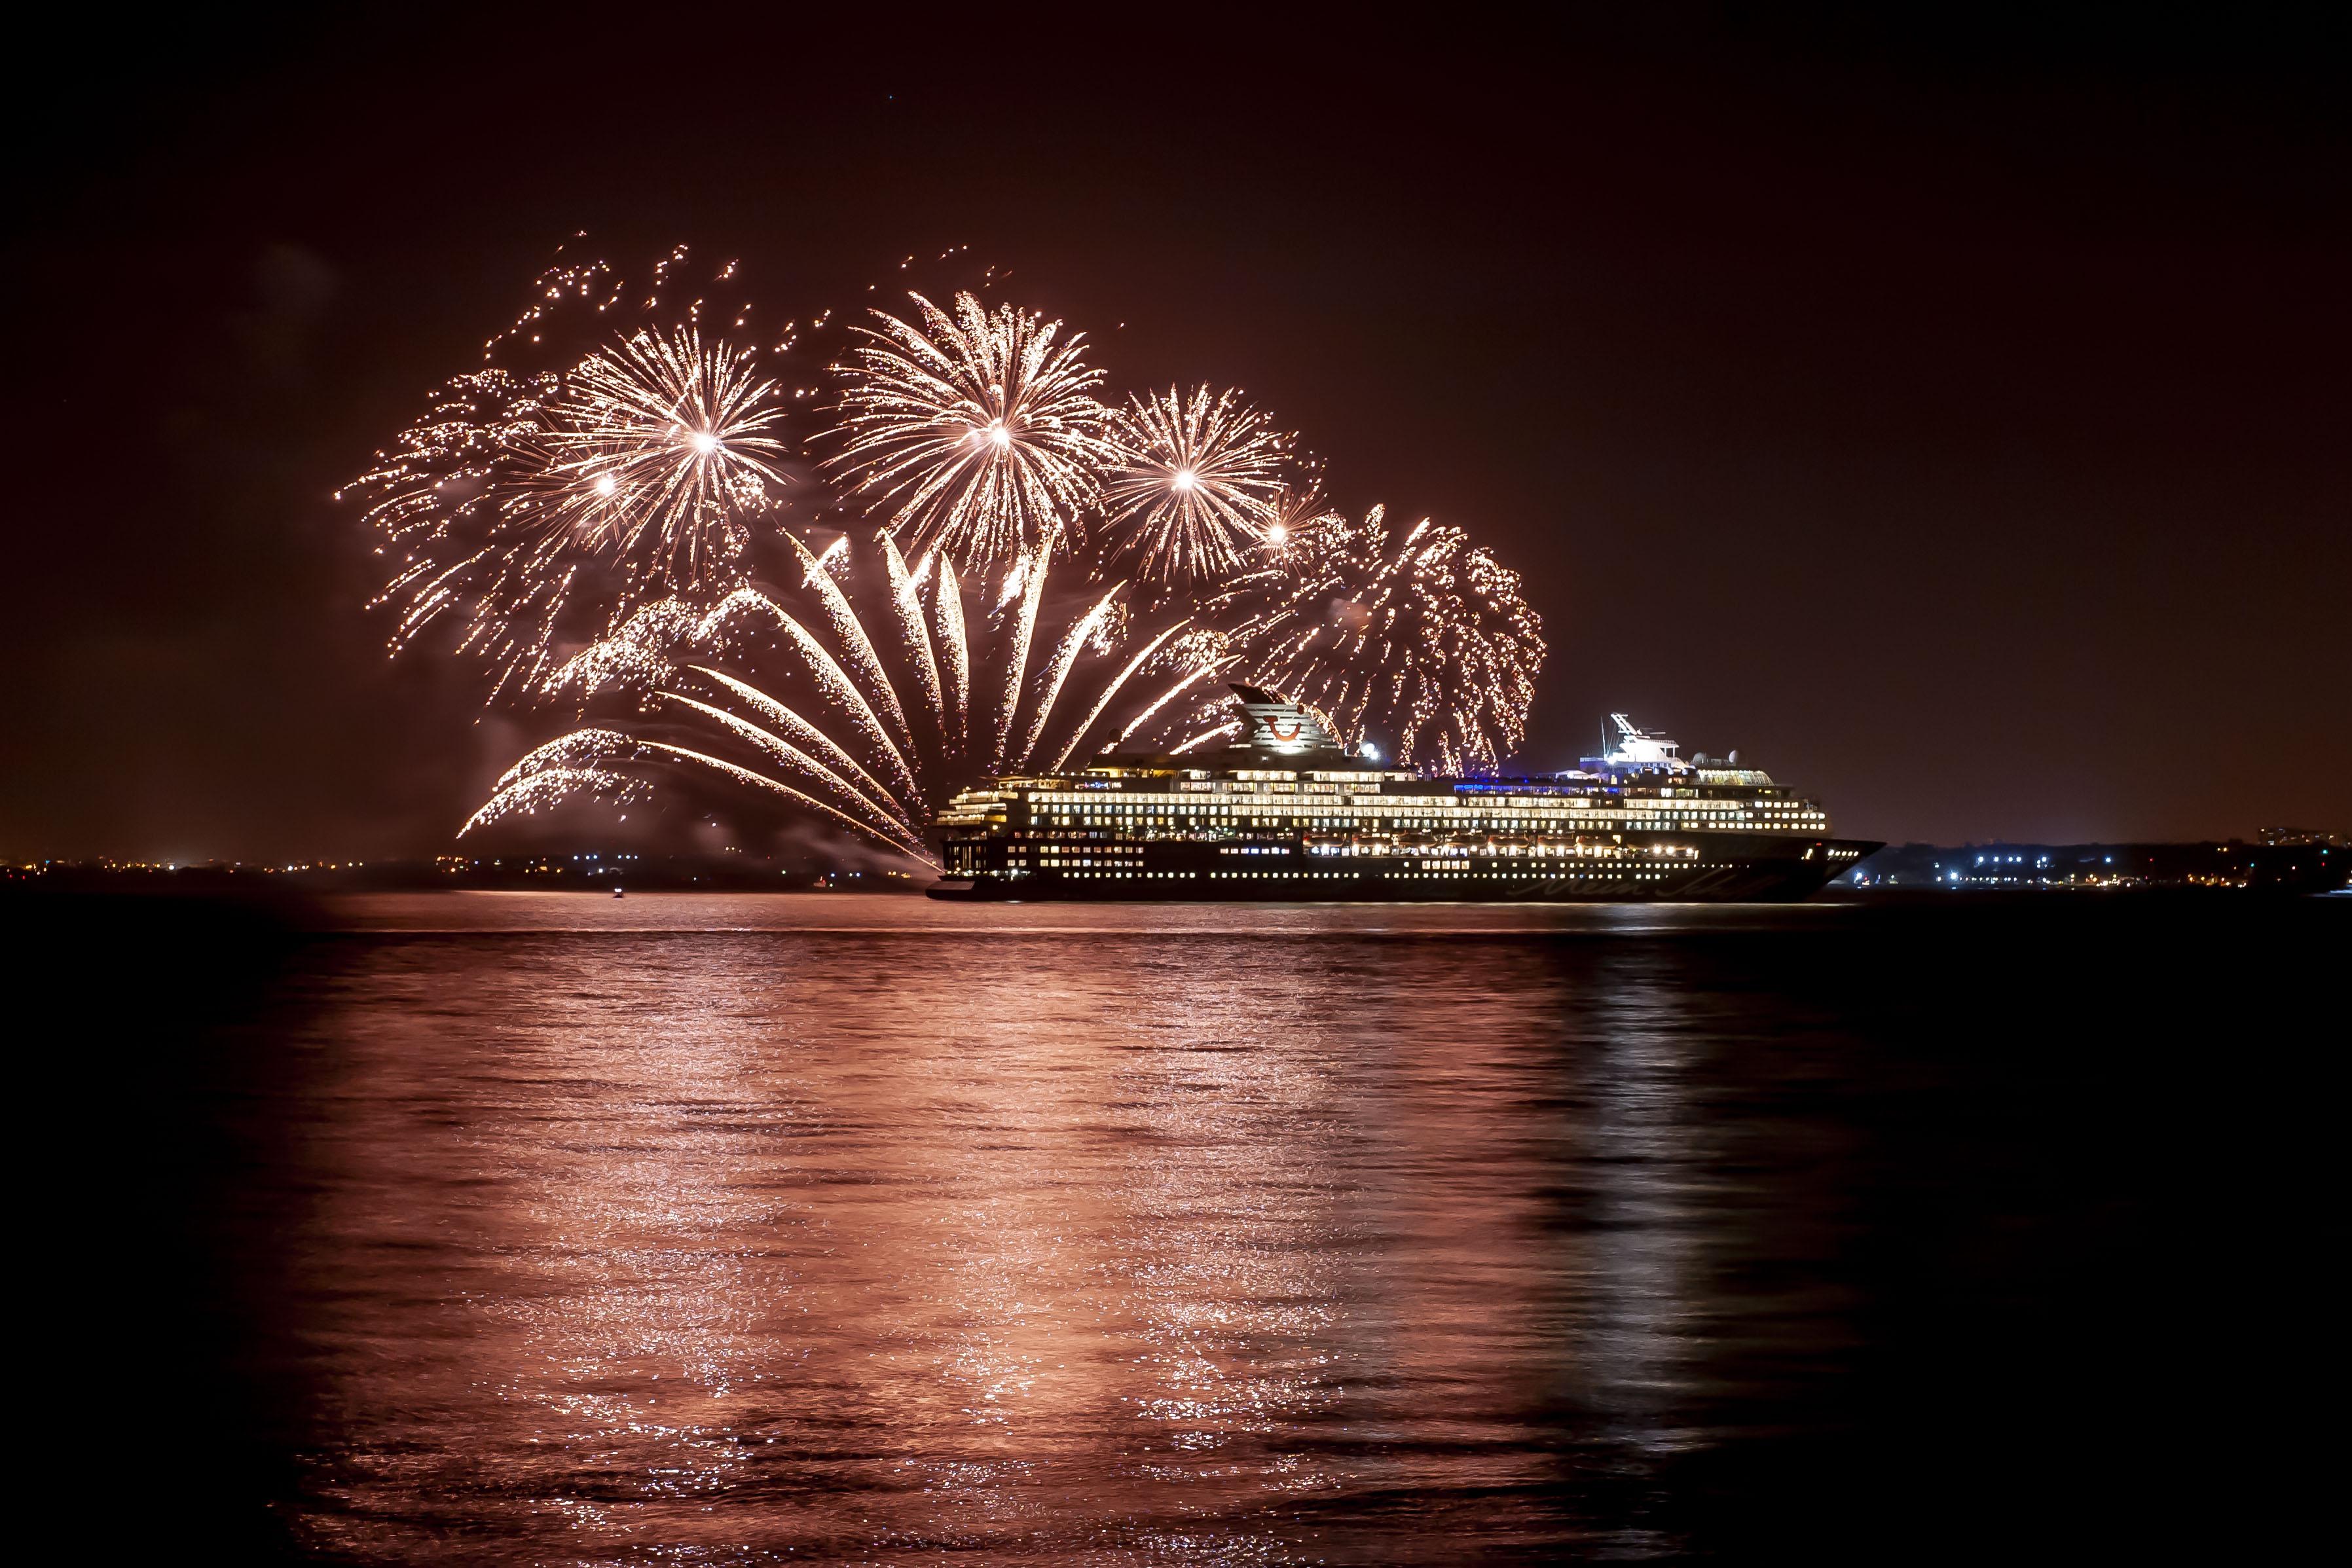 So war die Premierenfeier der Mein Schiff Herz